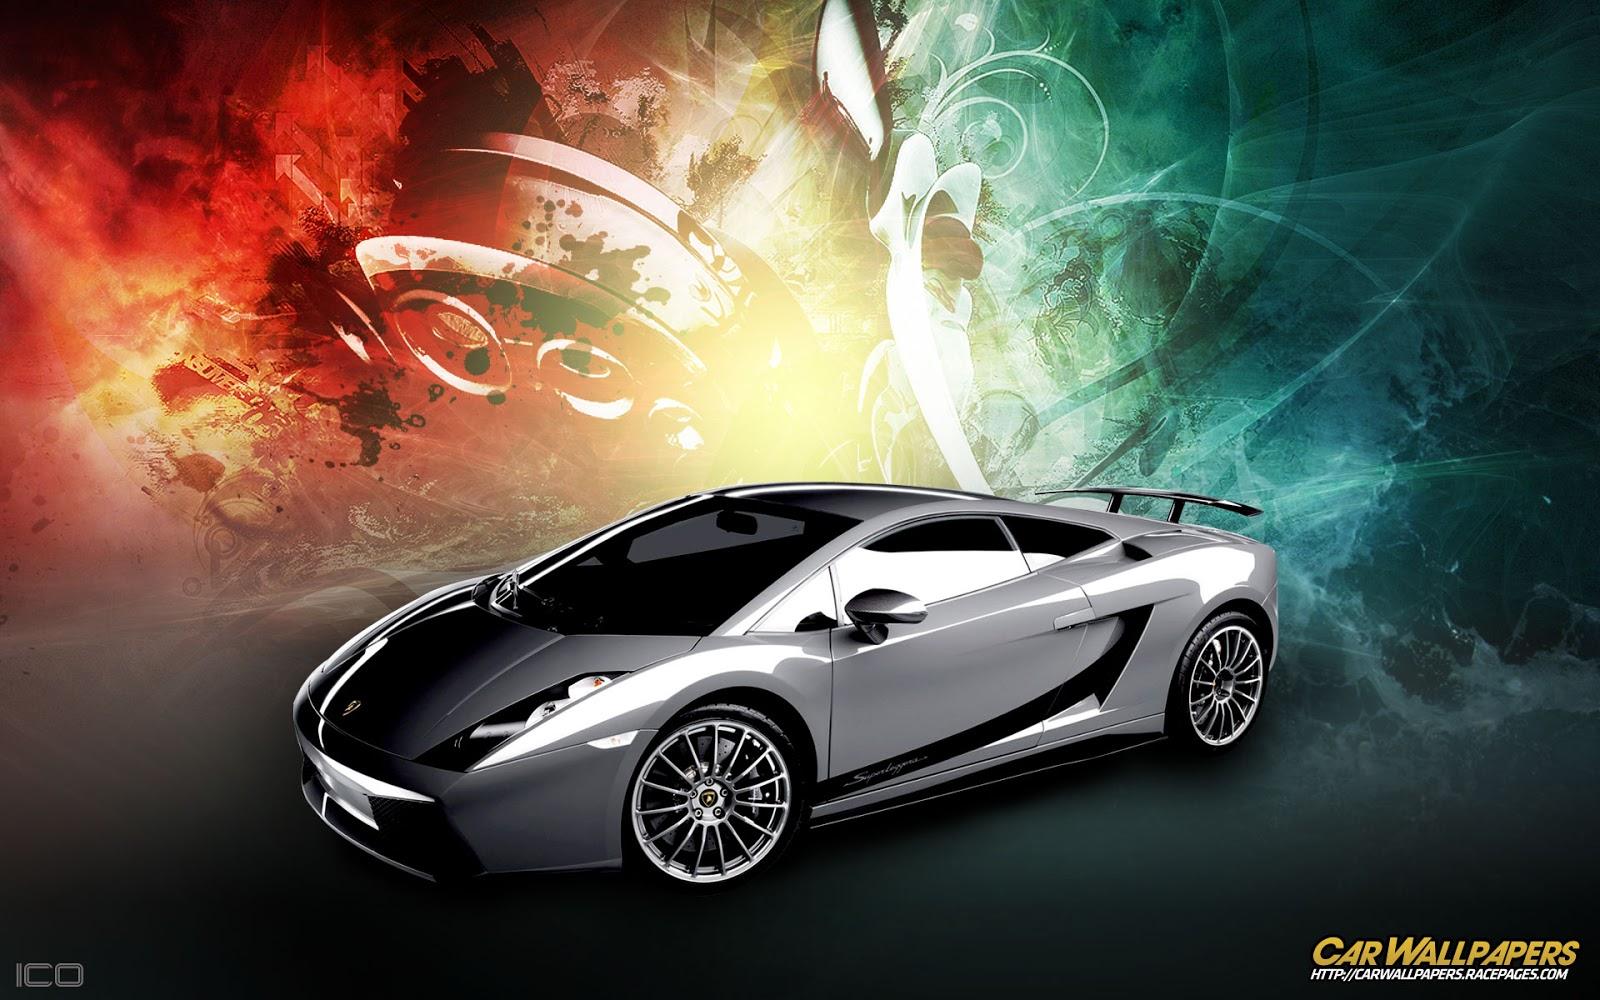 Lamborghini Car Wallpapers HD Download